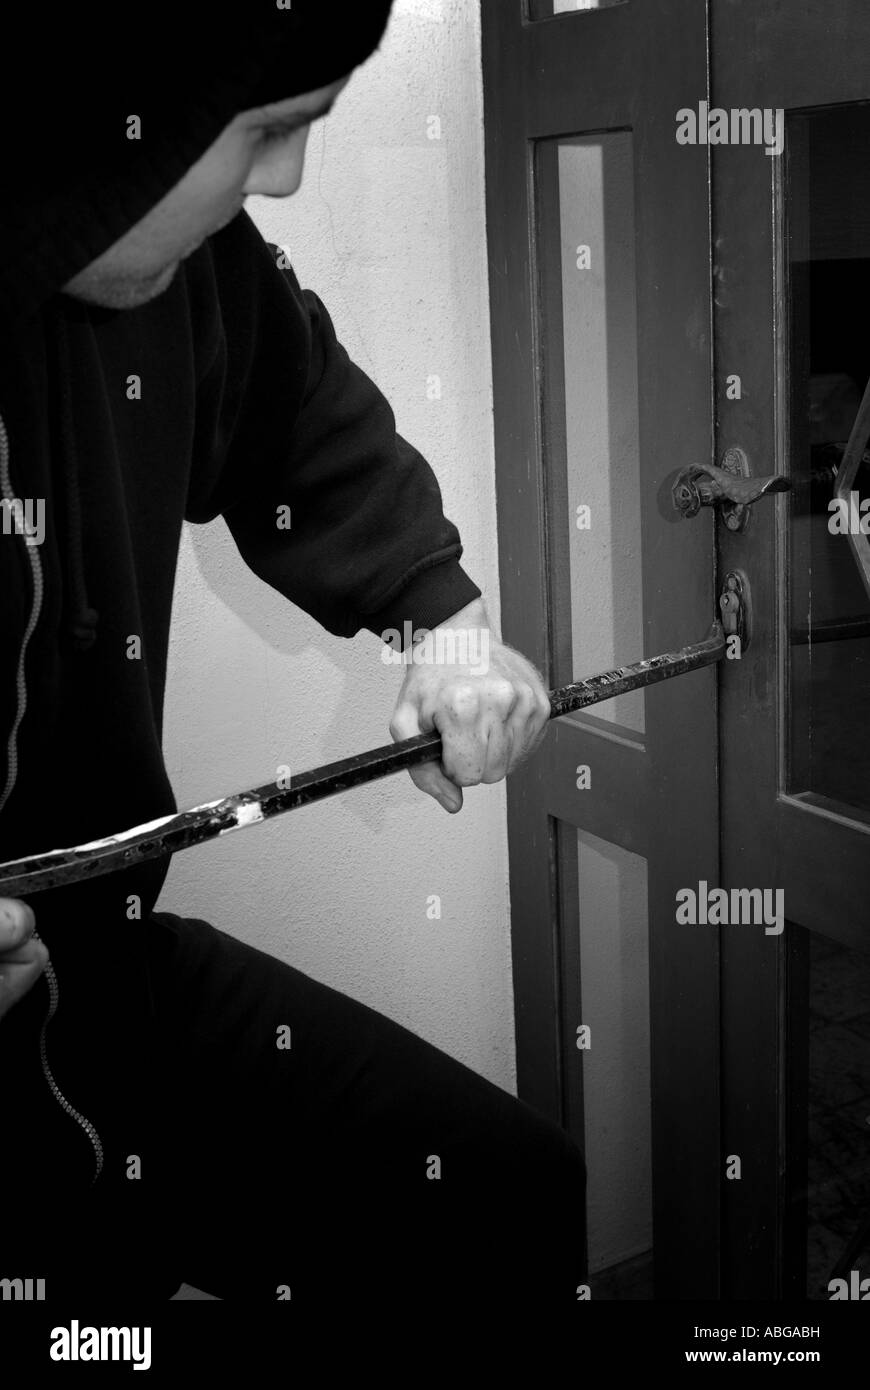 A burglar breaks open a door Stock Photo